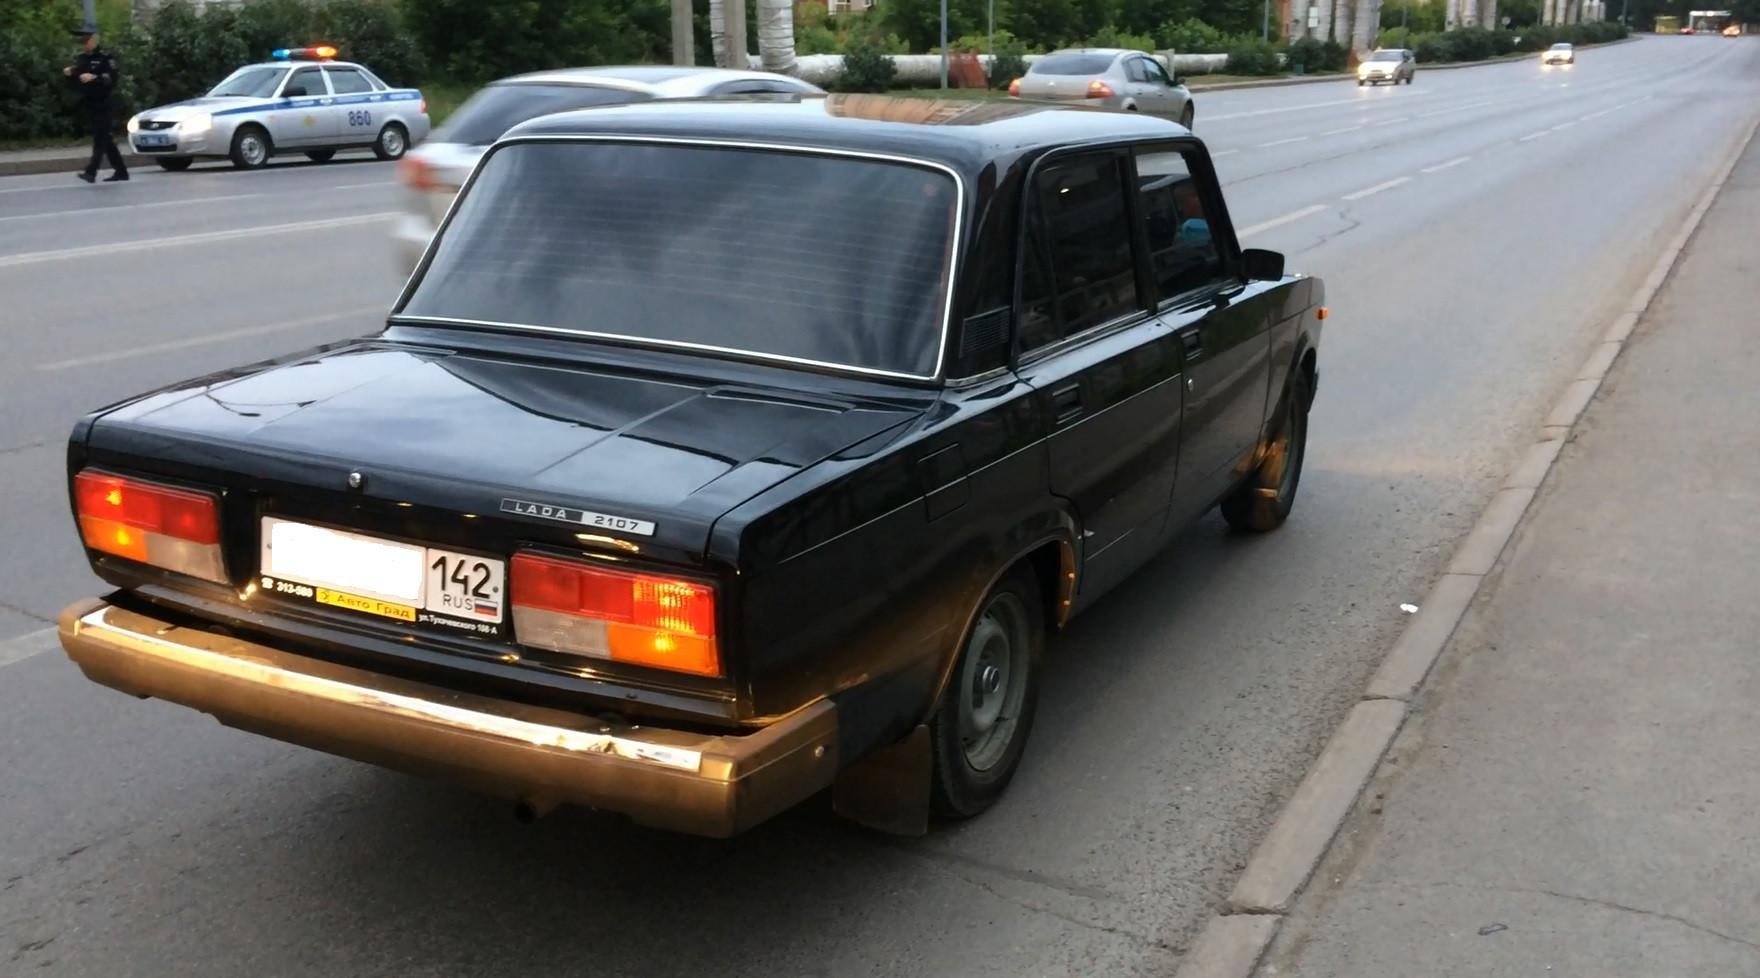 ВКемерово схвачен тринадцатилетний шофёр тонированной ВАЗ